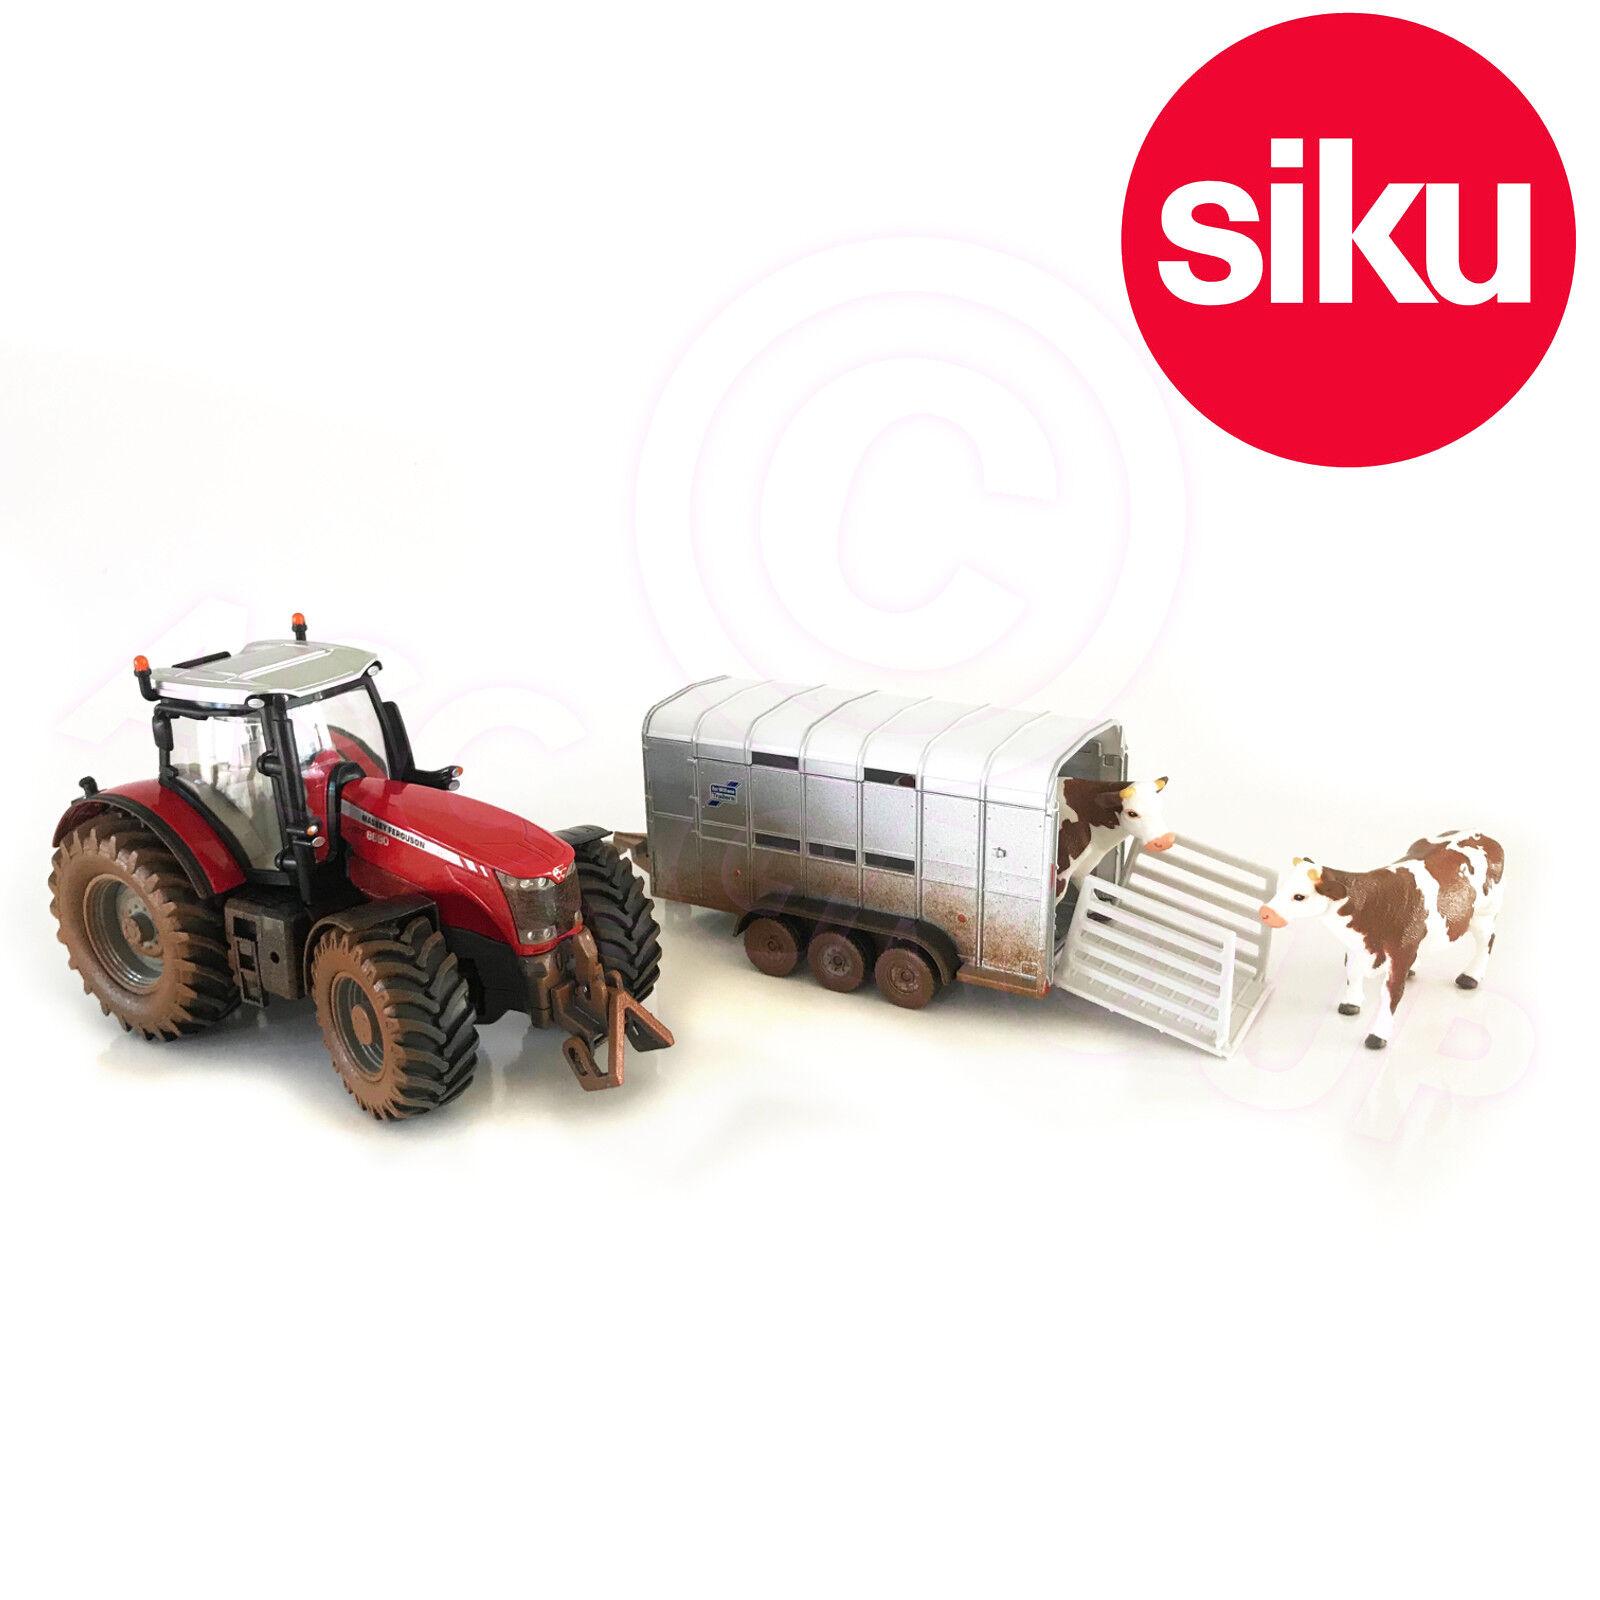 SIKU 8608 Massey Ferguson 8608 tracteur IFOR WILLIAMS Remorque 1 32 Die-Cast Model